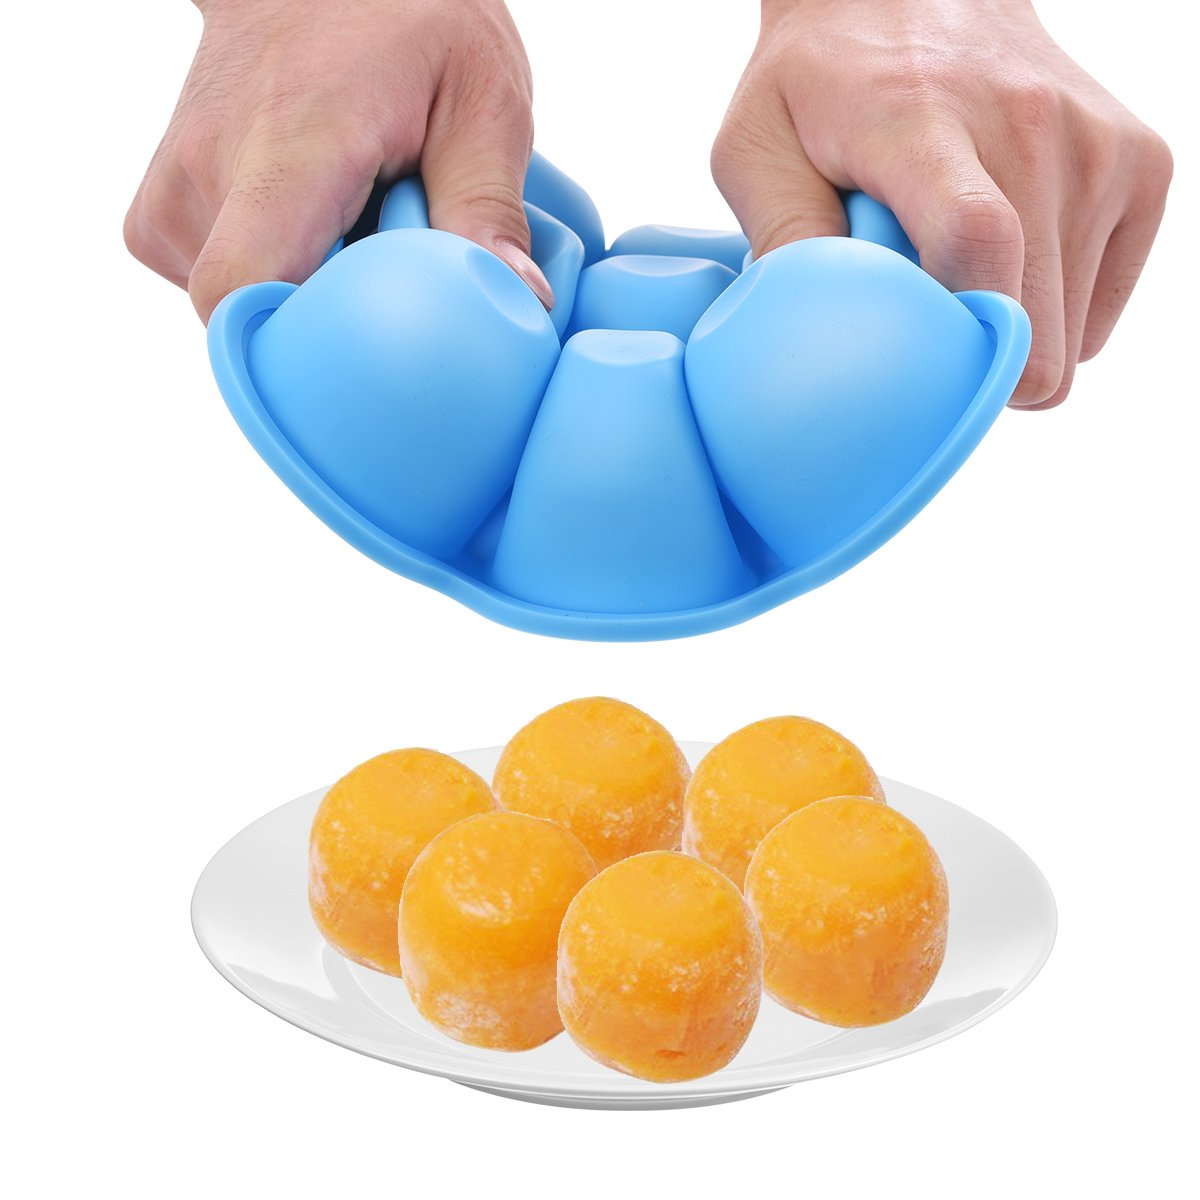 seguras y reutilizables de silicona con tapa y cuchara libre de BPA naranja, azul y verde Bandejas contenedoras para congelar alimentos para beb/é azul azul Talla:19 CM x 19 CM x 5 CM